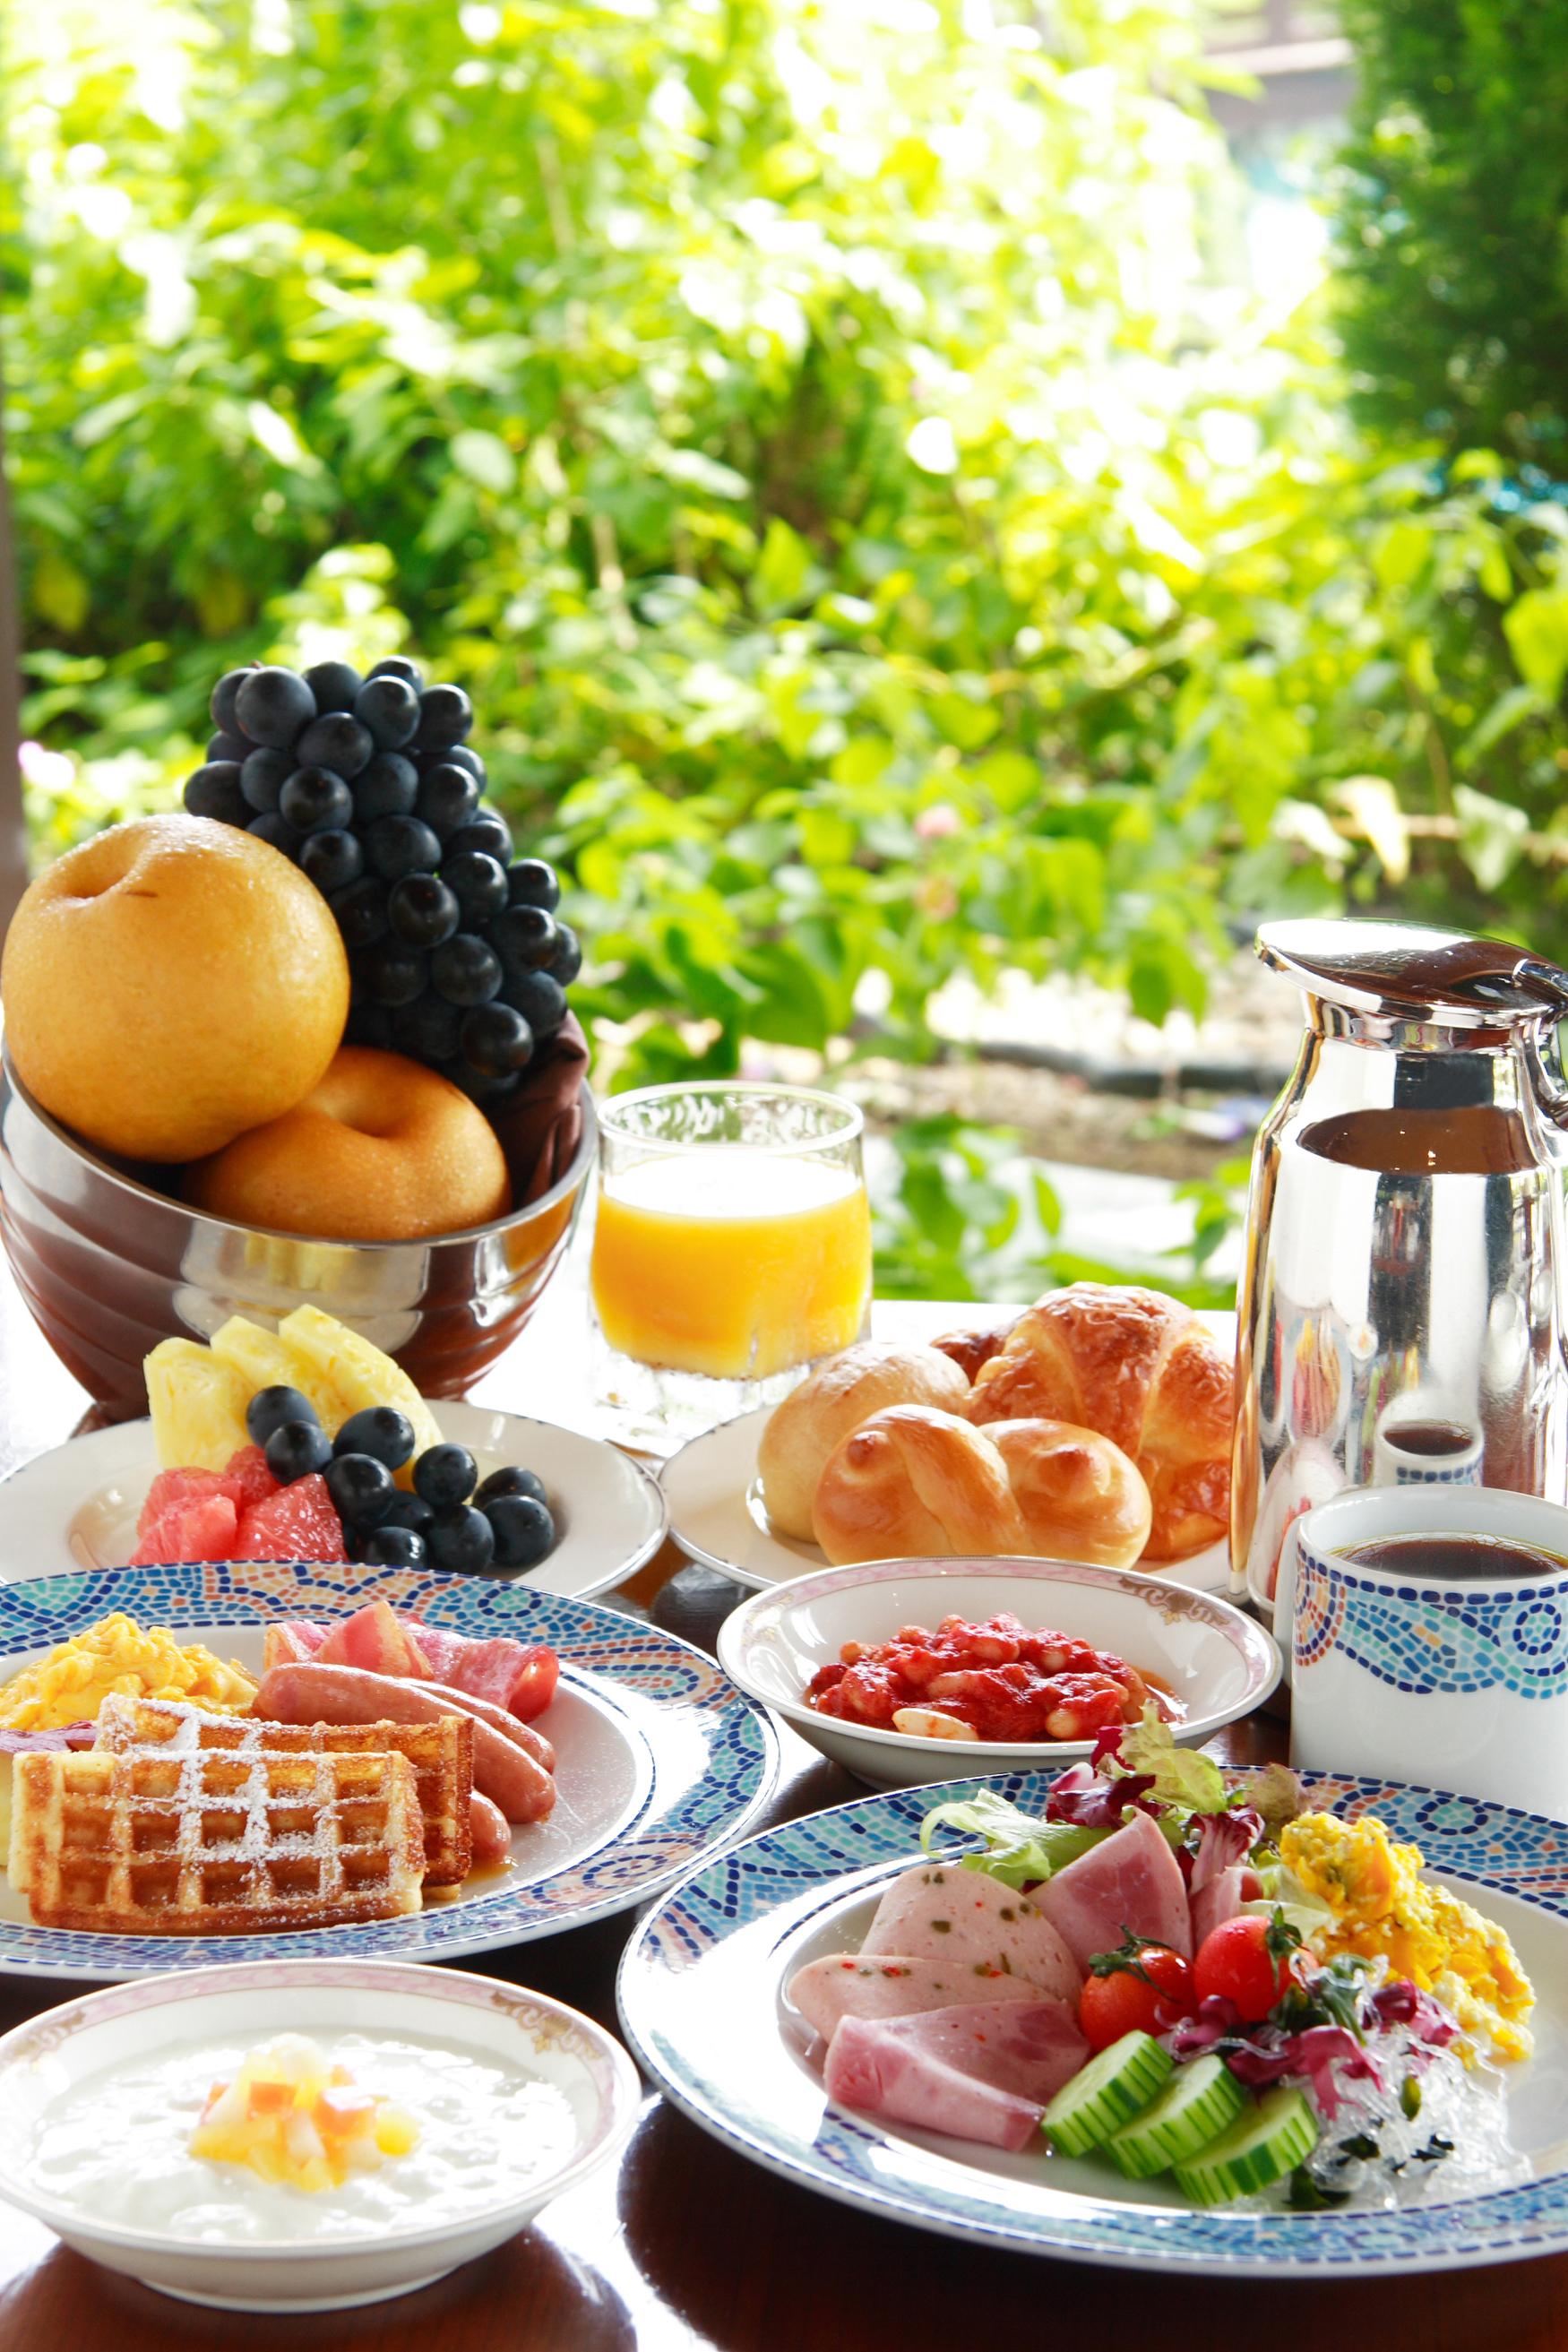 ホテルでの優雅な朝食ブッフェ